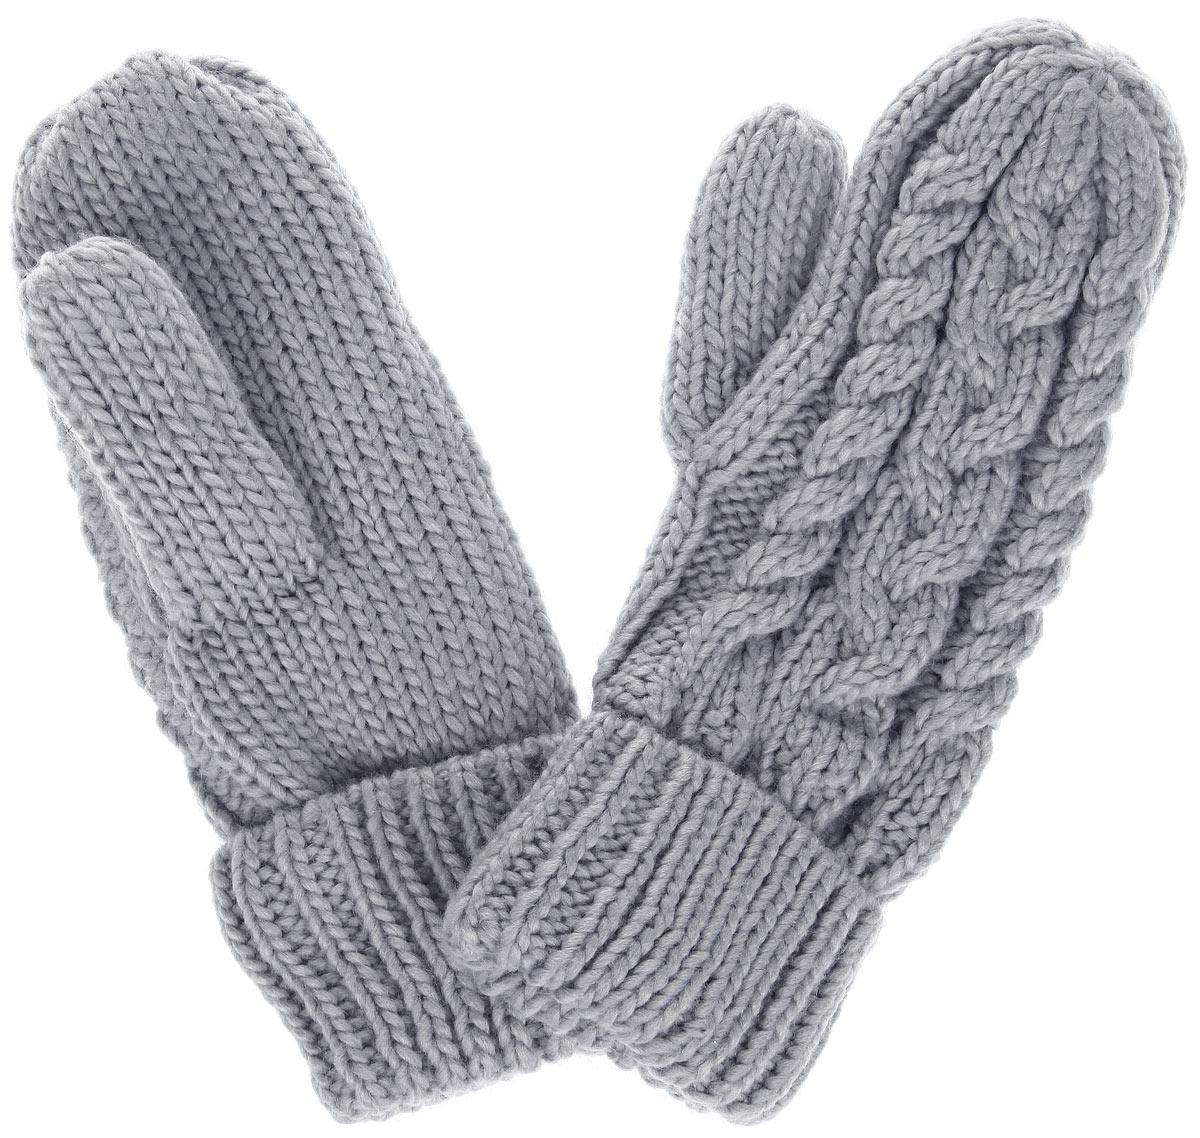 Варежки женские. Z-RE-1812Z-RE-1812_BLACKВарежки торговой марки Moodo идеально подойдут для прохладной погоды. Они максимально сохраняют тепло, идеально сидят на руке и хорошо тянутся. Изделие выполнено из акриловой пряжи, невероятно мягкой и приятной на ощупь. С лицевой стороны модель оформлена фактурным вязаным узором. Варежки станут отличным дополнением к вашему гардеробу, они надежно защитят ваши руки от холода.